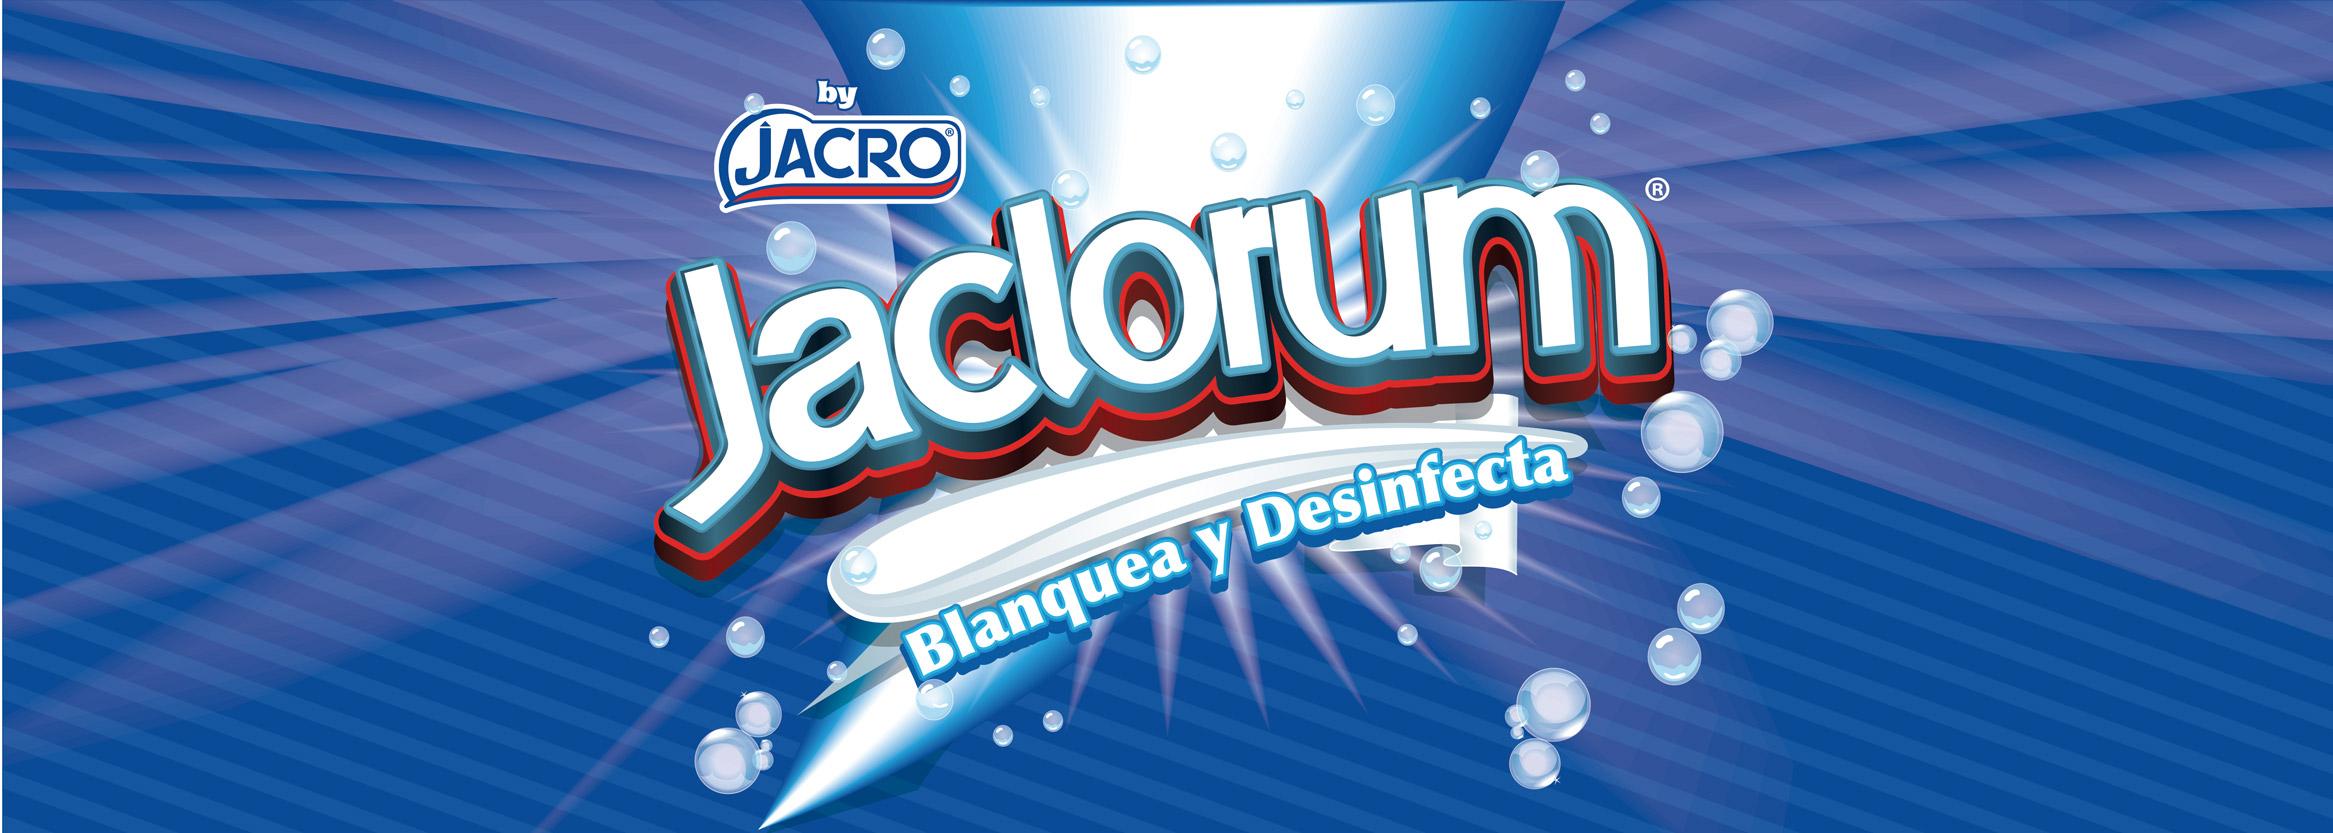 banners-jacro2-06